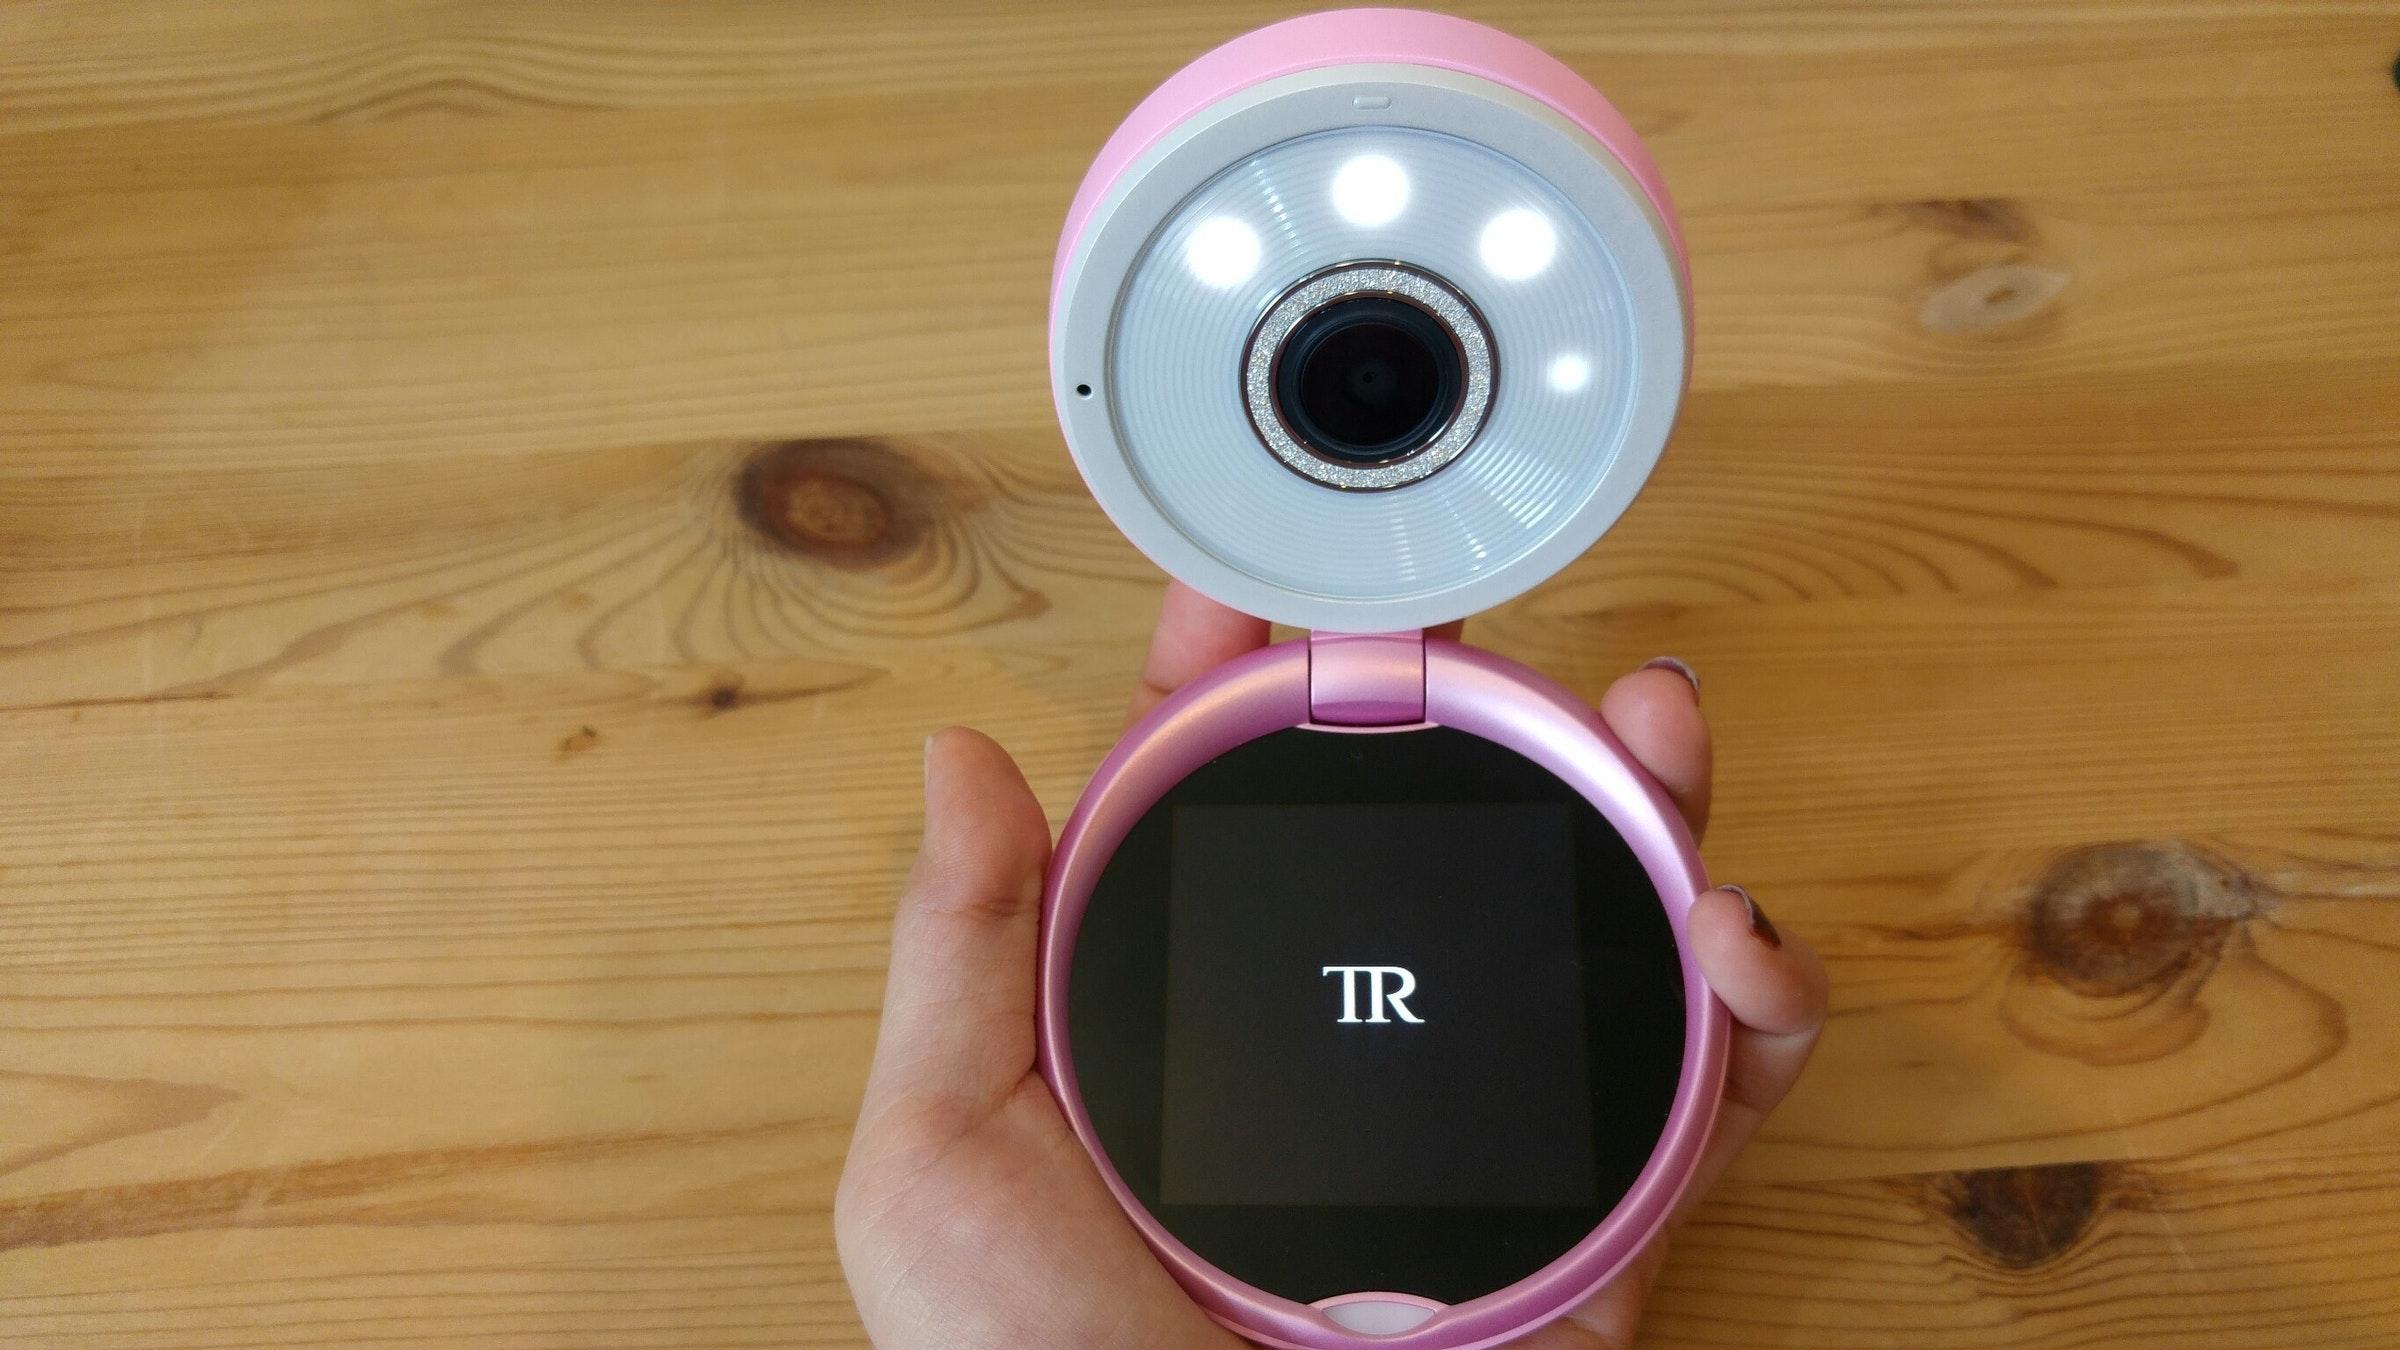 是原來是相機啊,還以為是粉餅呢!Casio TR mini 開箱體驗這篇文章的首圖